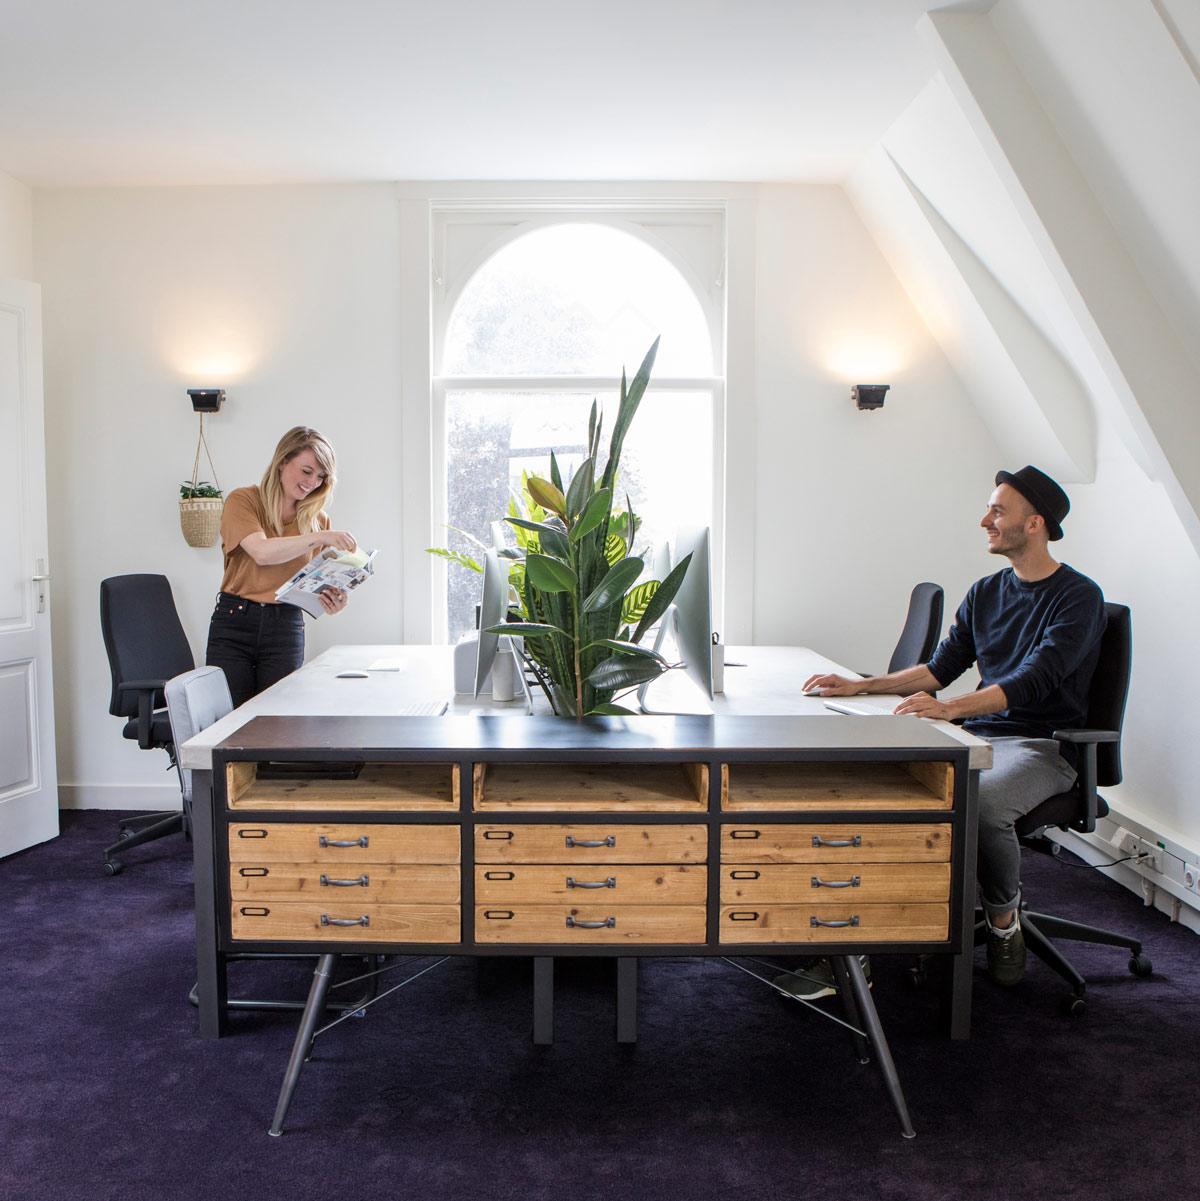 Sophie Mittelberg en William Mooijman – Studio Mooijman en Mittelberg, Grafisch ontwerpbureau, Den Haag